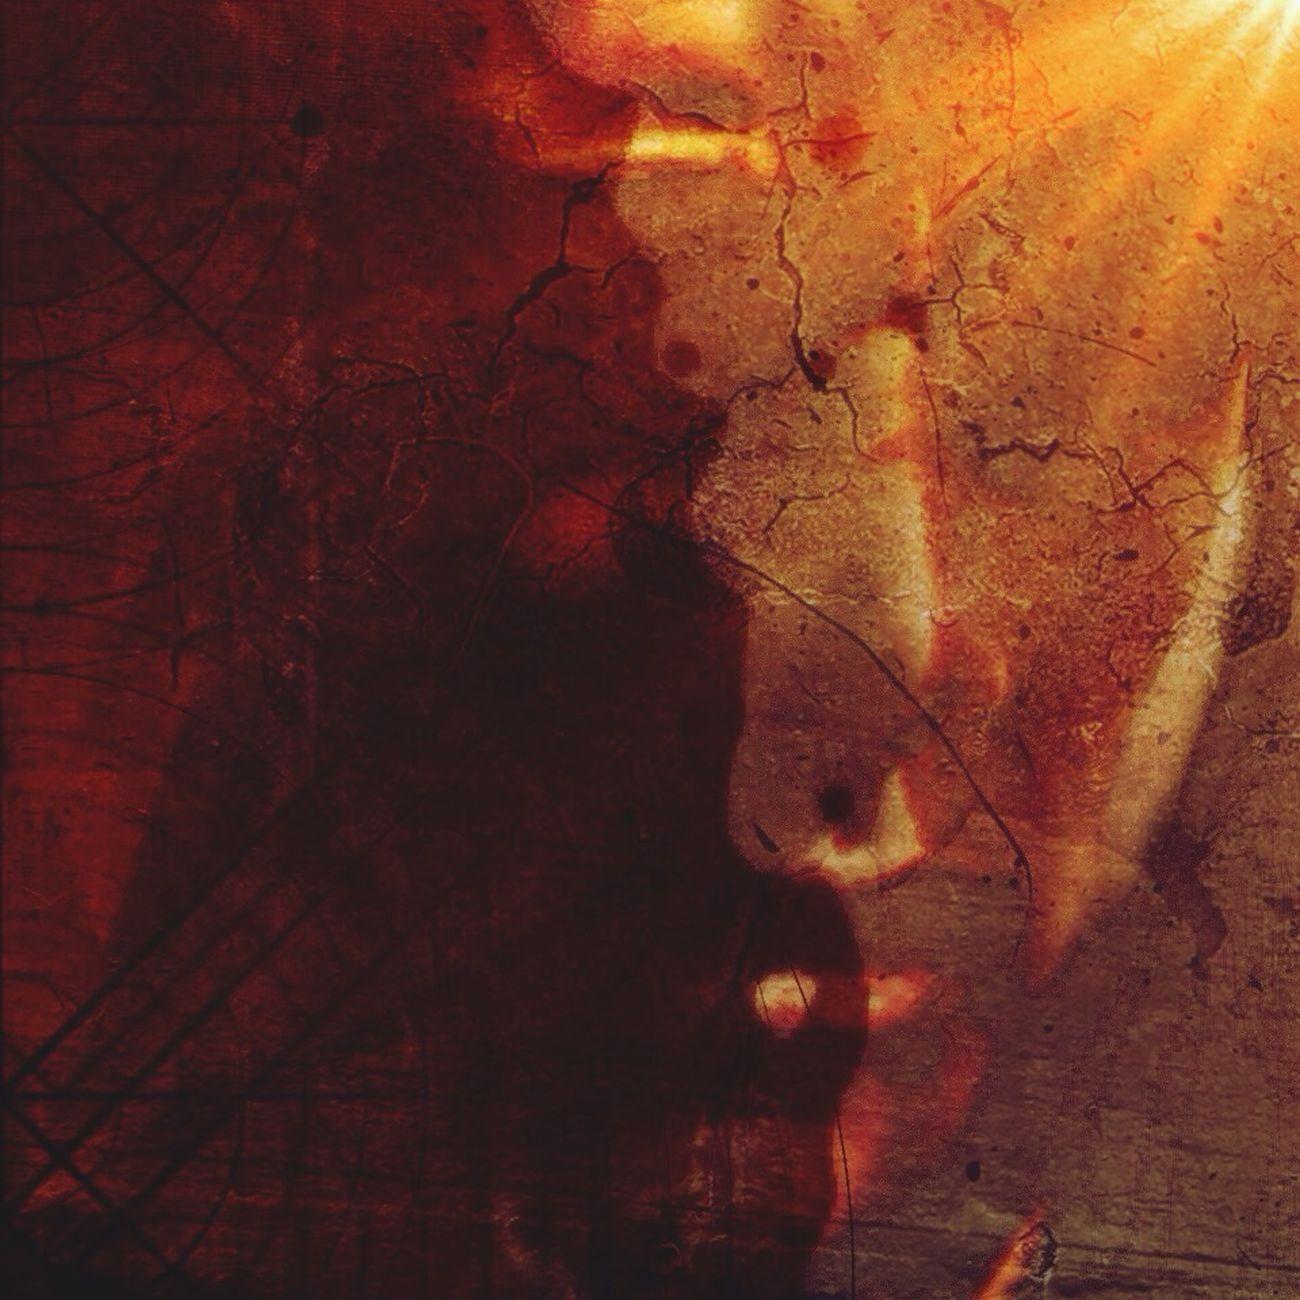 Tempt Me Softly Altered Perceptions Darkart Digital Art Vampire